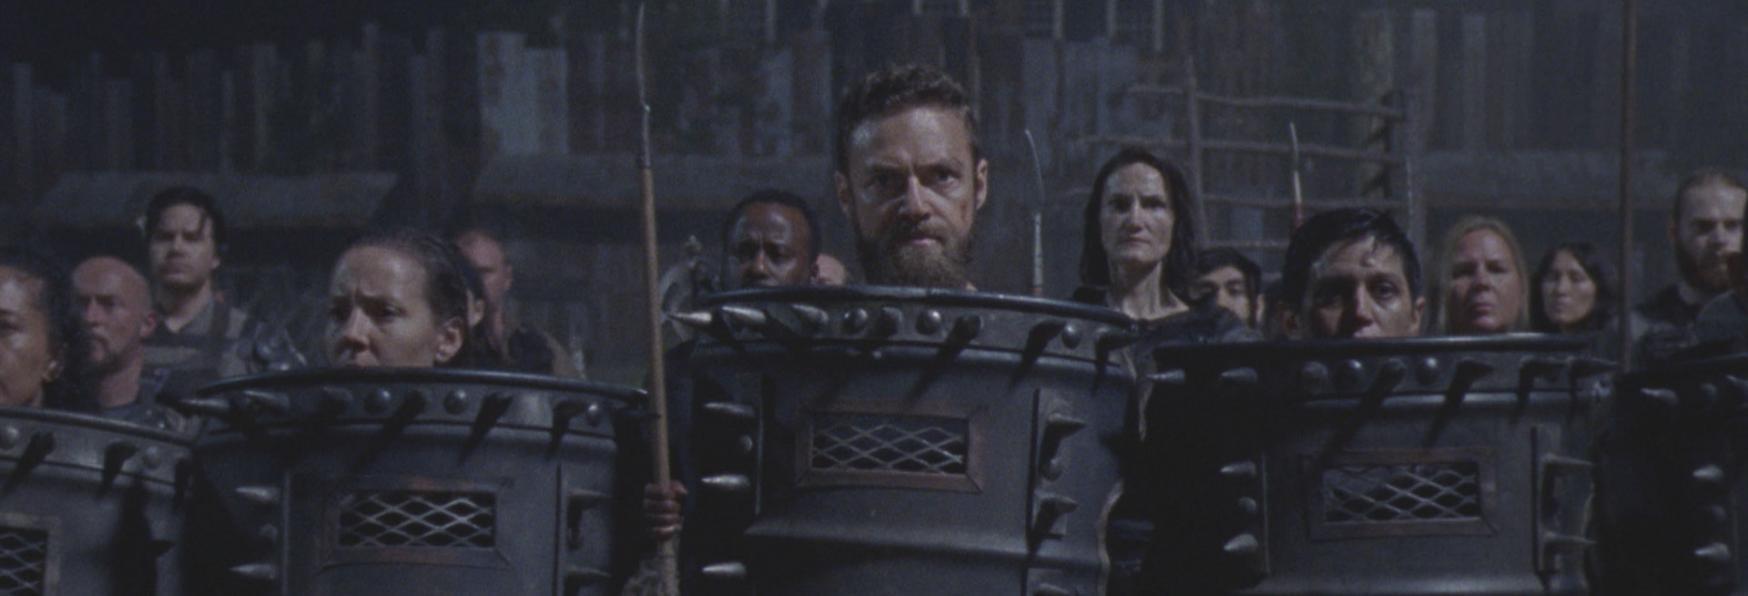 The Walking Dead 10: i Sei nuovi Episodi sono stati Pensati per essere Girati in Sicurezza